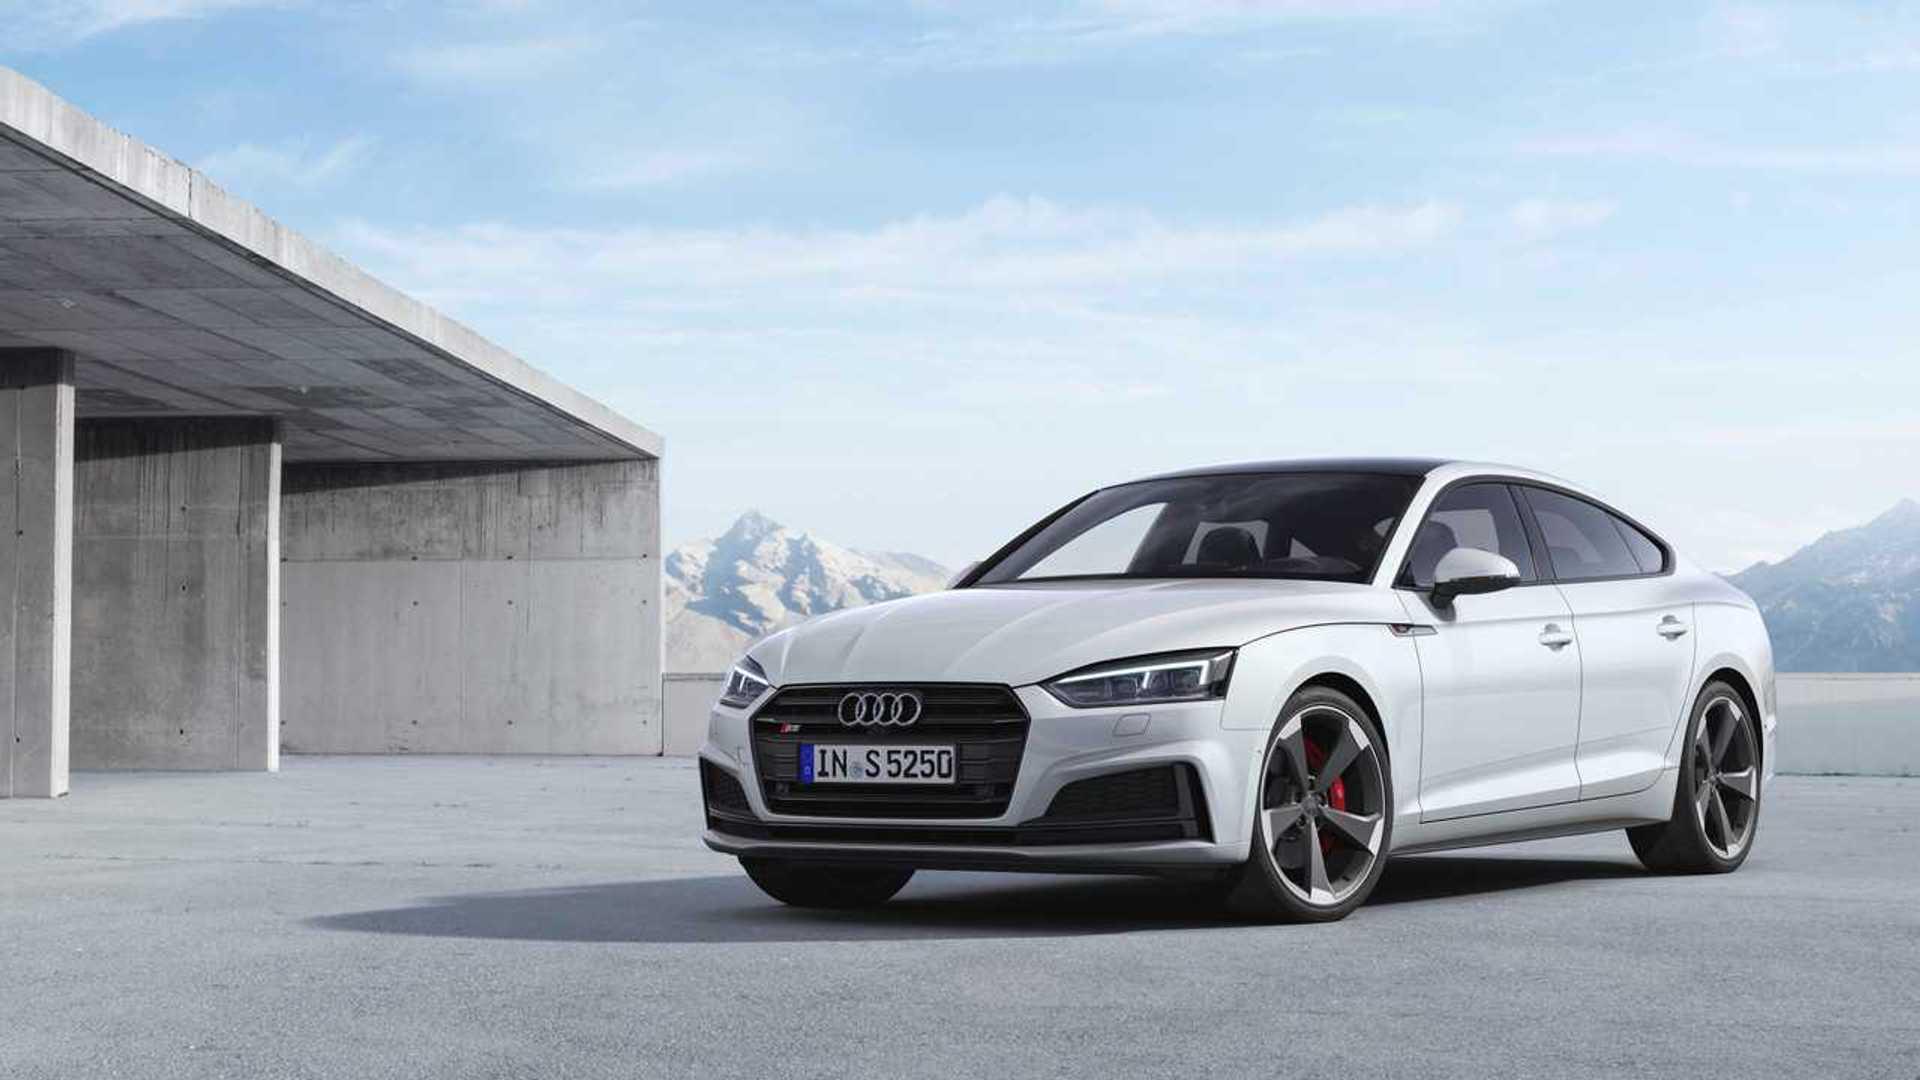 2020 Audi Rs5 Tdi Release Date